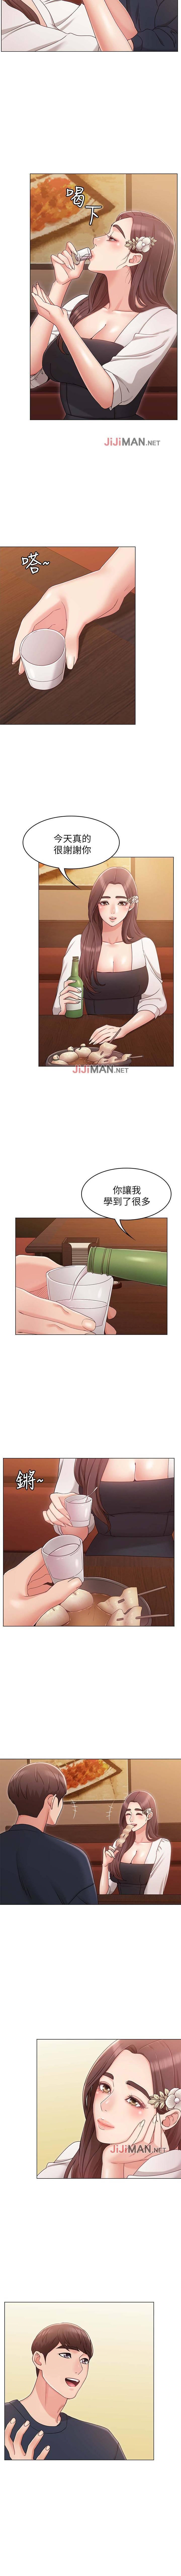 【周六连载】女友的姐姐(作者:橡果人&獵狗) 第1~14话 50